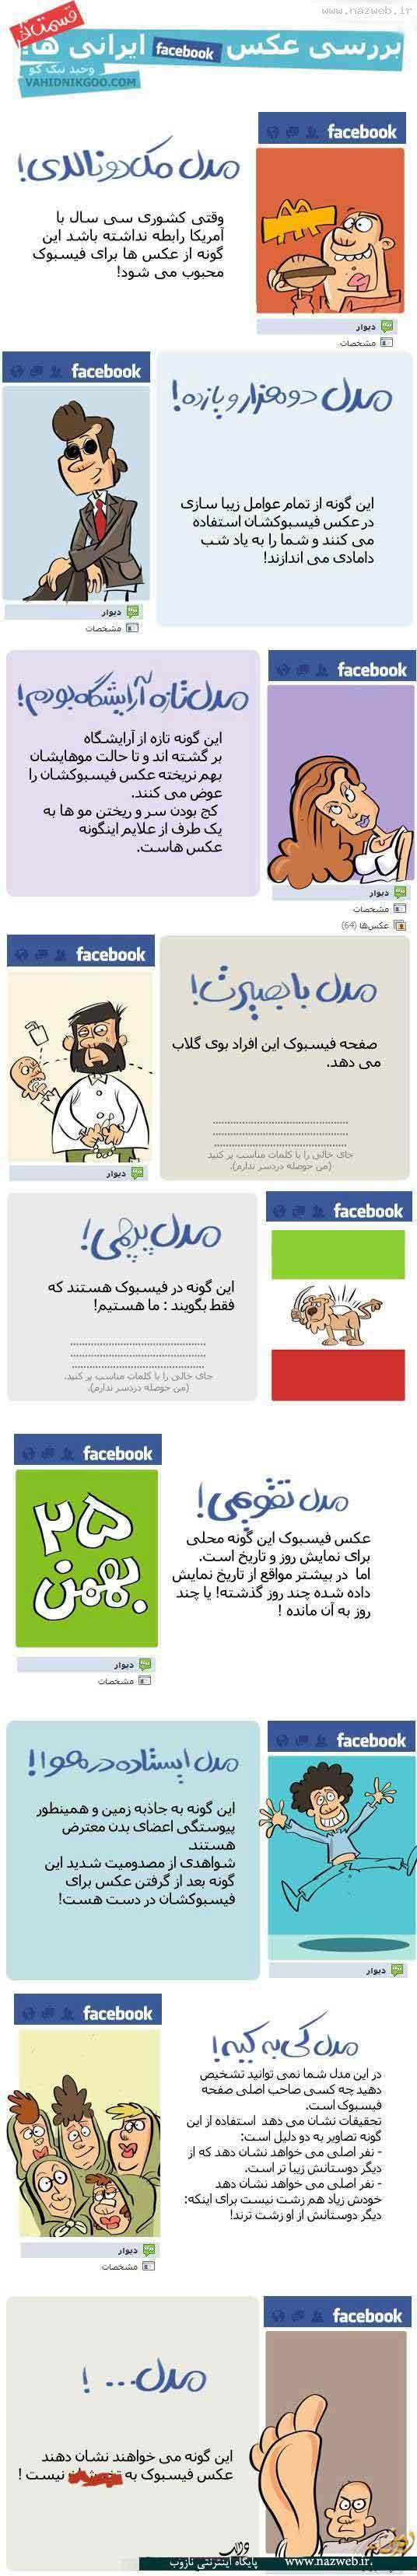 بررسی عکس فیسبوک برخی از ایرانی ها! آخر خنده